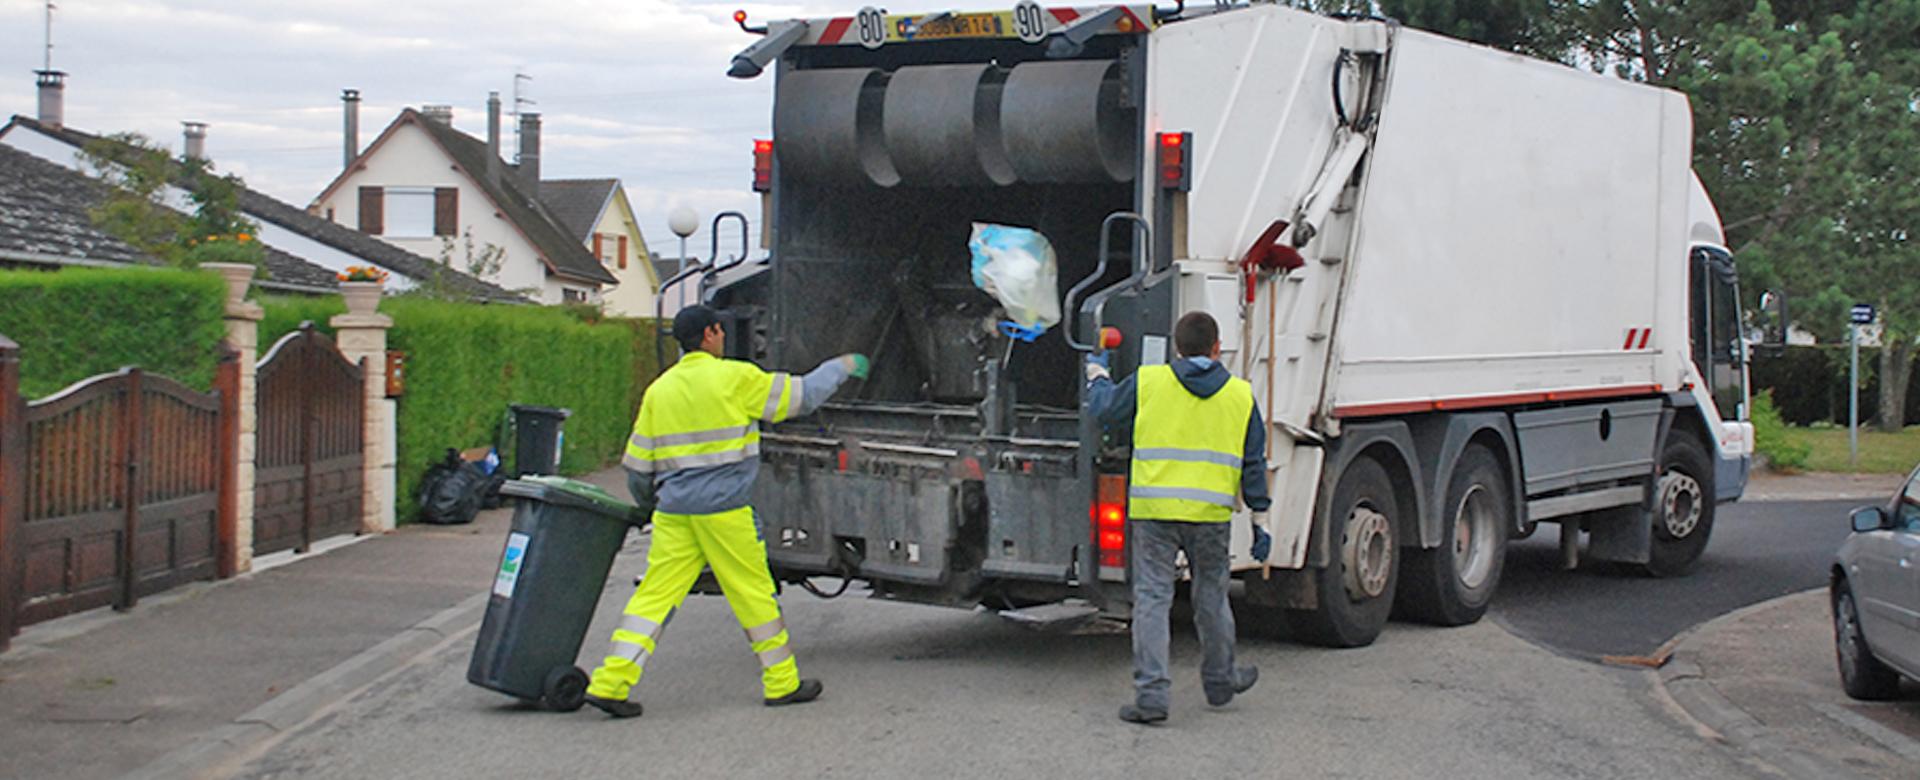 La collecte des ordures ménagères